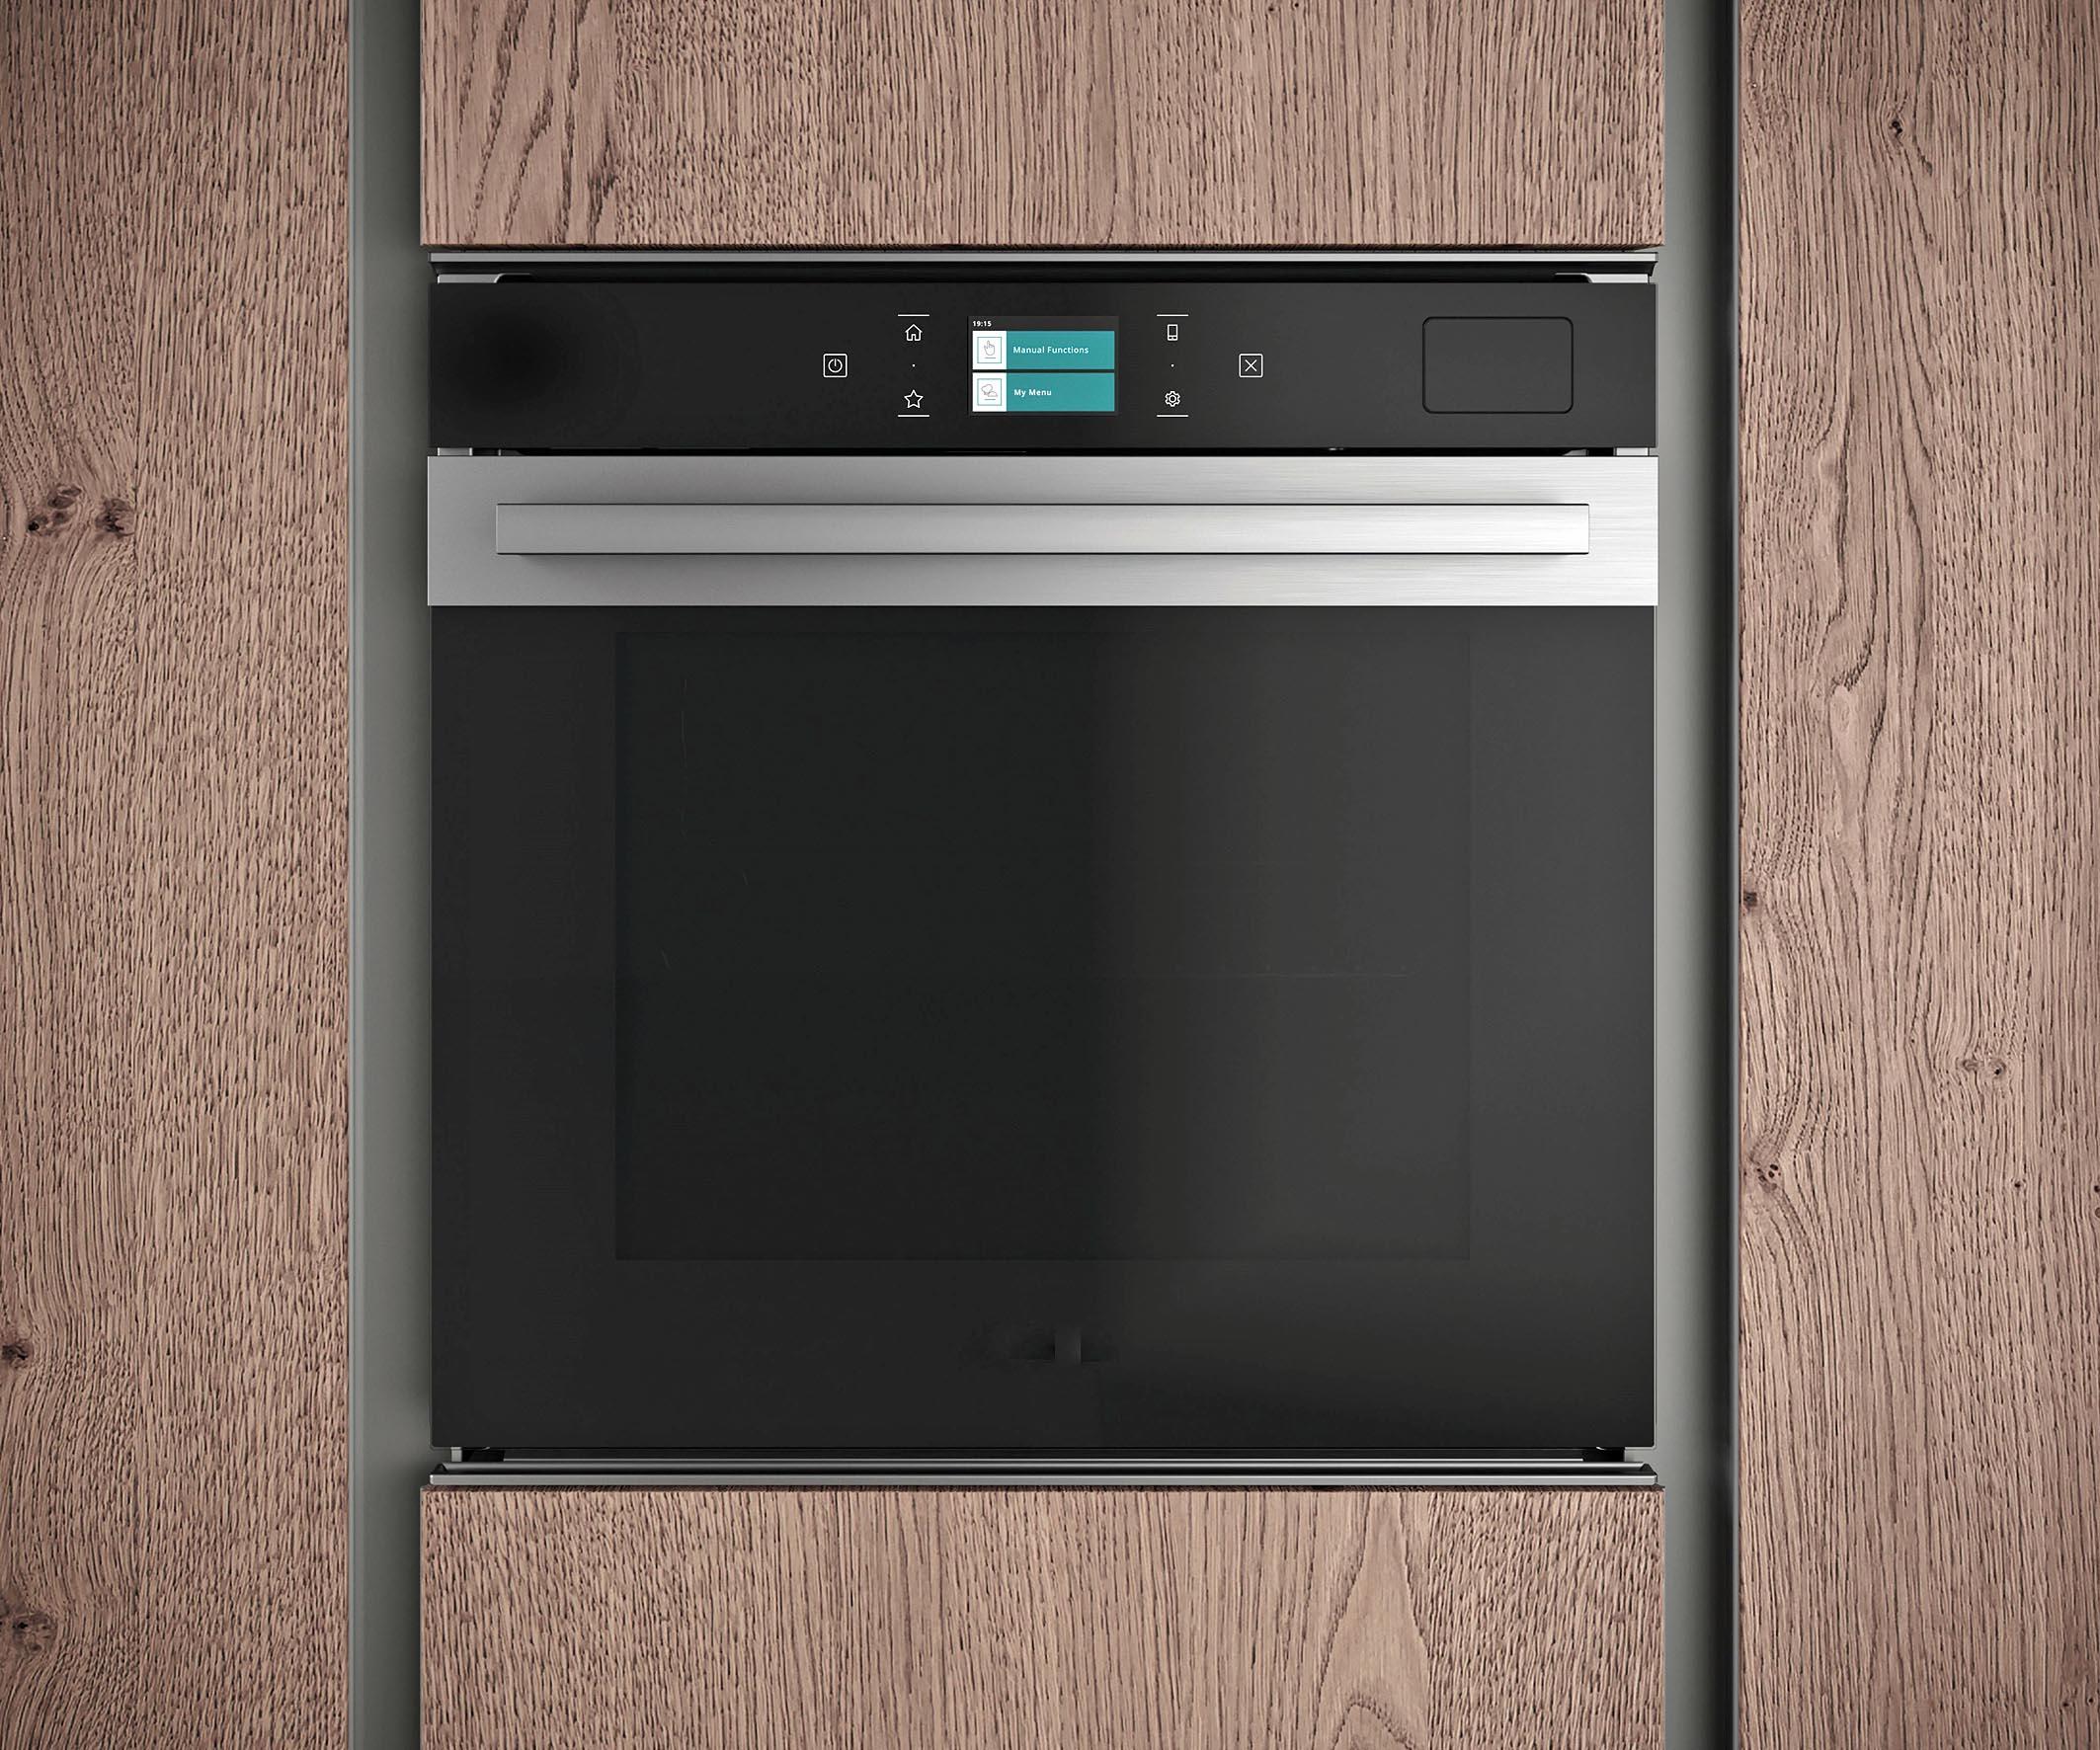 AMK-PM-2019-Kochen, Backen und Garen mit Assistenzfunktion-2.jpg